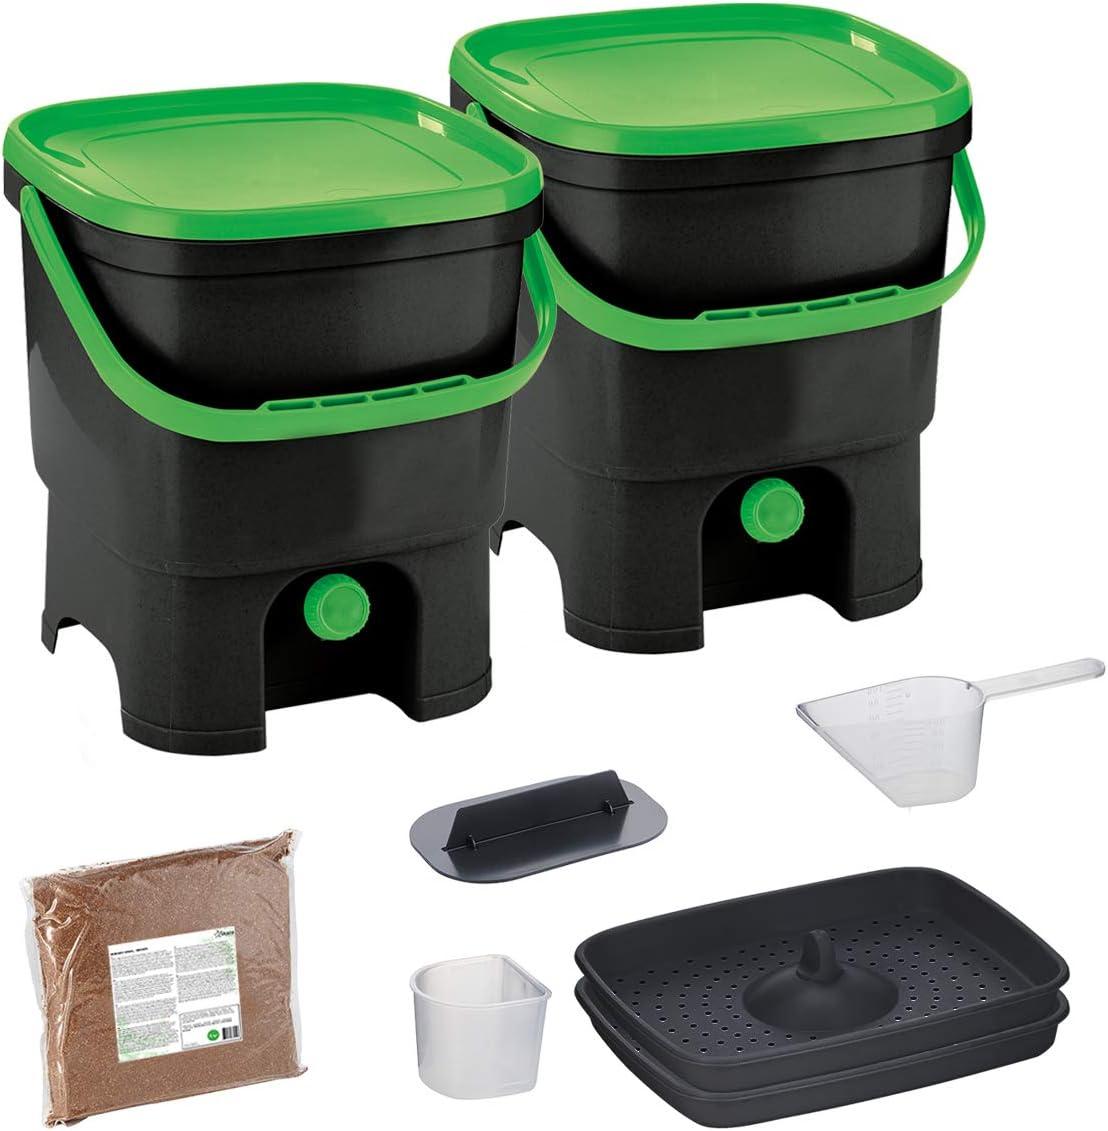 Skaza Bokashi Organko Set (2 x 16 L) Juego de 2 Compostadores de Cocina de Plástico Reciclado | Starter Set para Residuos de Cocina y Compostaje | Incluye de Bokashi Fermento EM 1 Kg. (Negro-Verde)